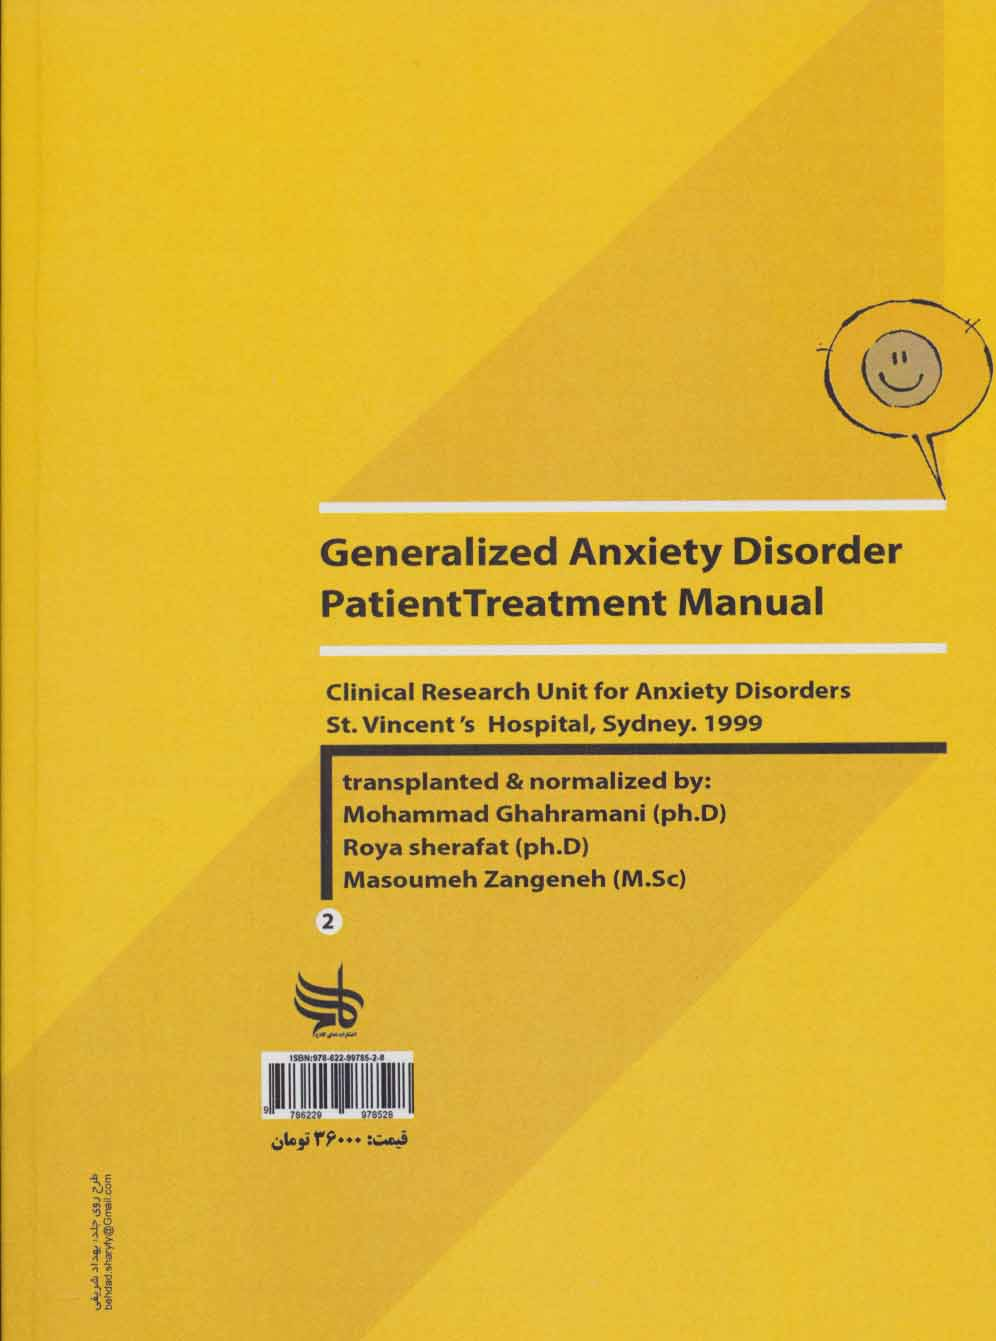 درمان شناختی-رفتاری اختلال اضطراب فراگیر (آموزش روان درمانی 2)